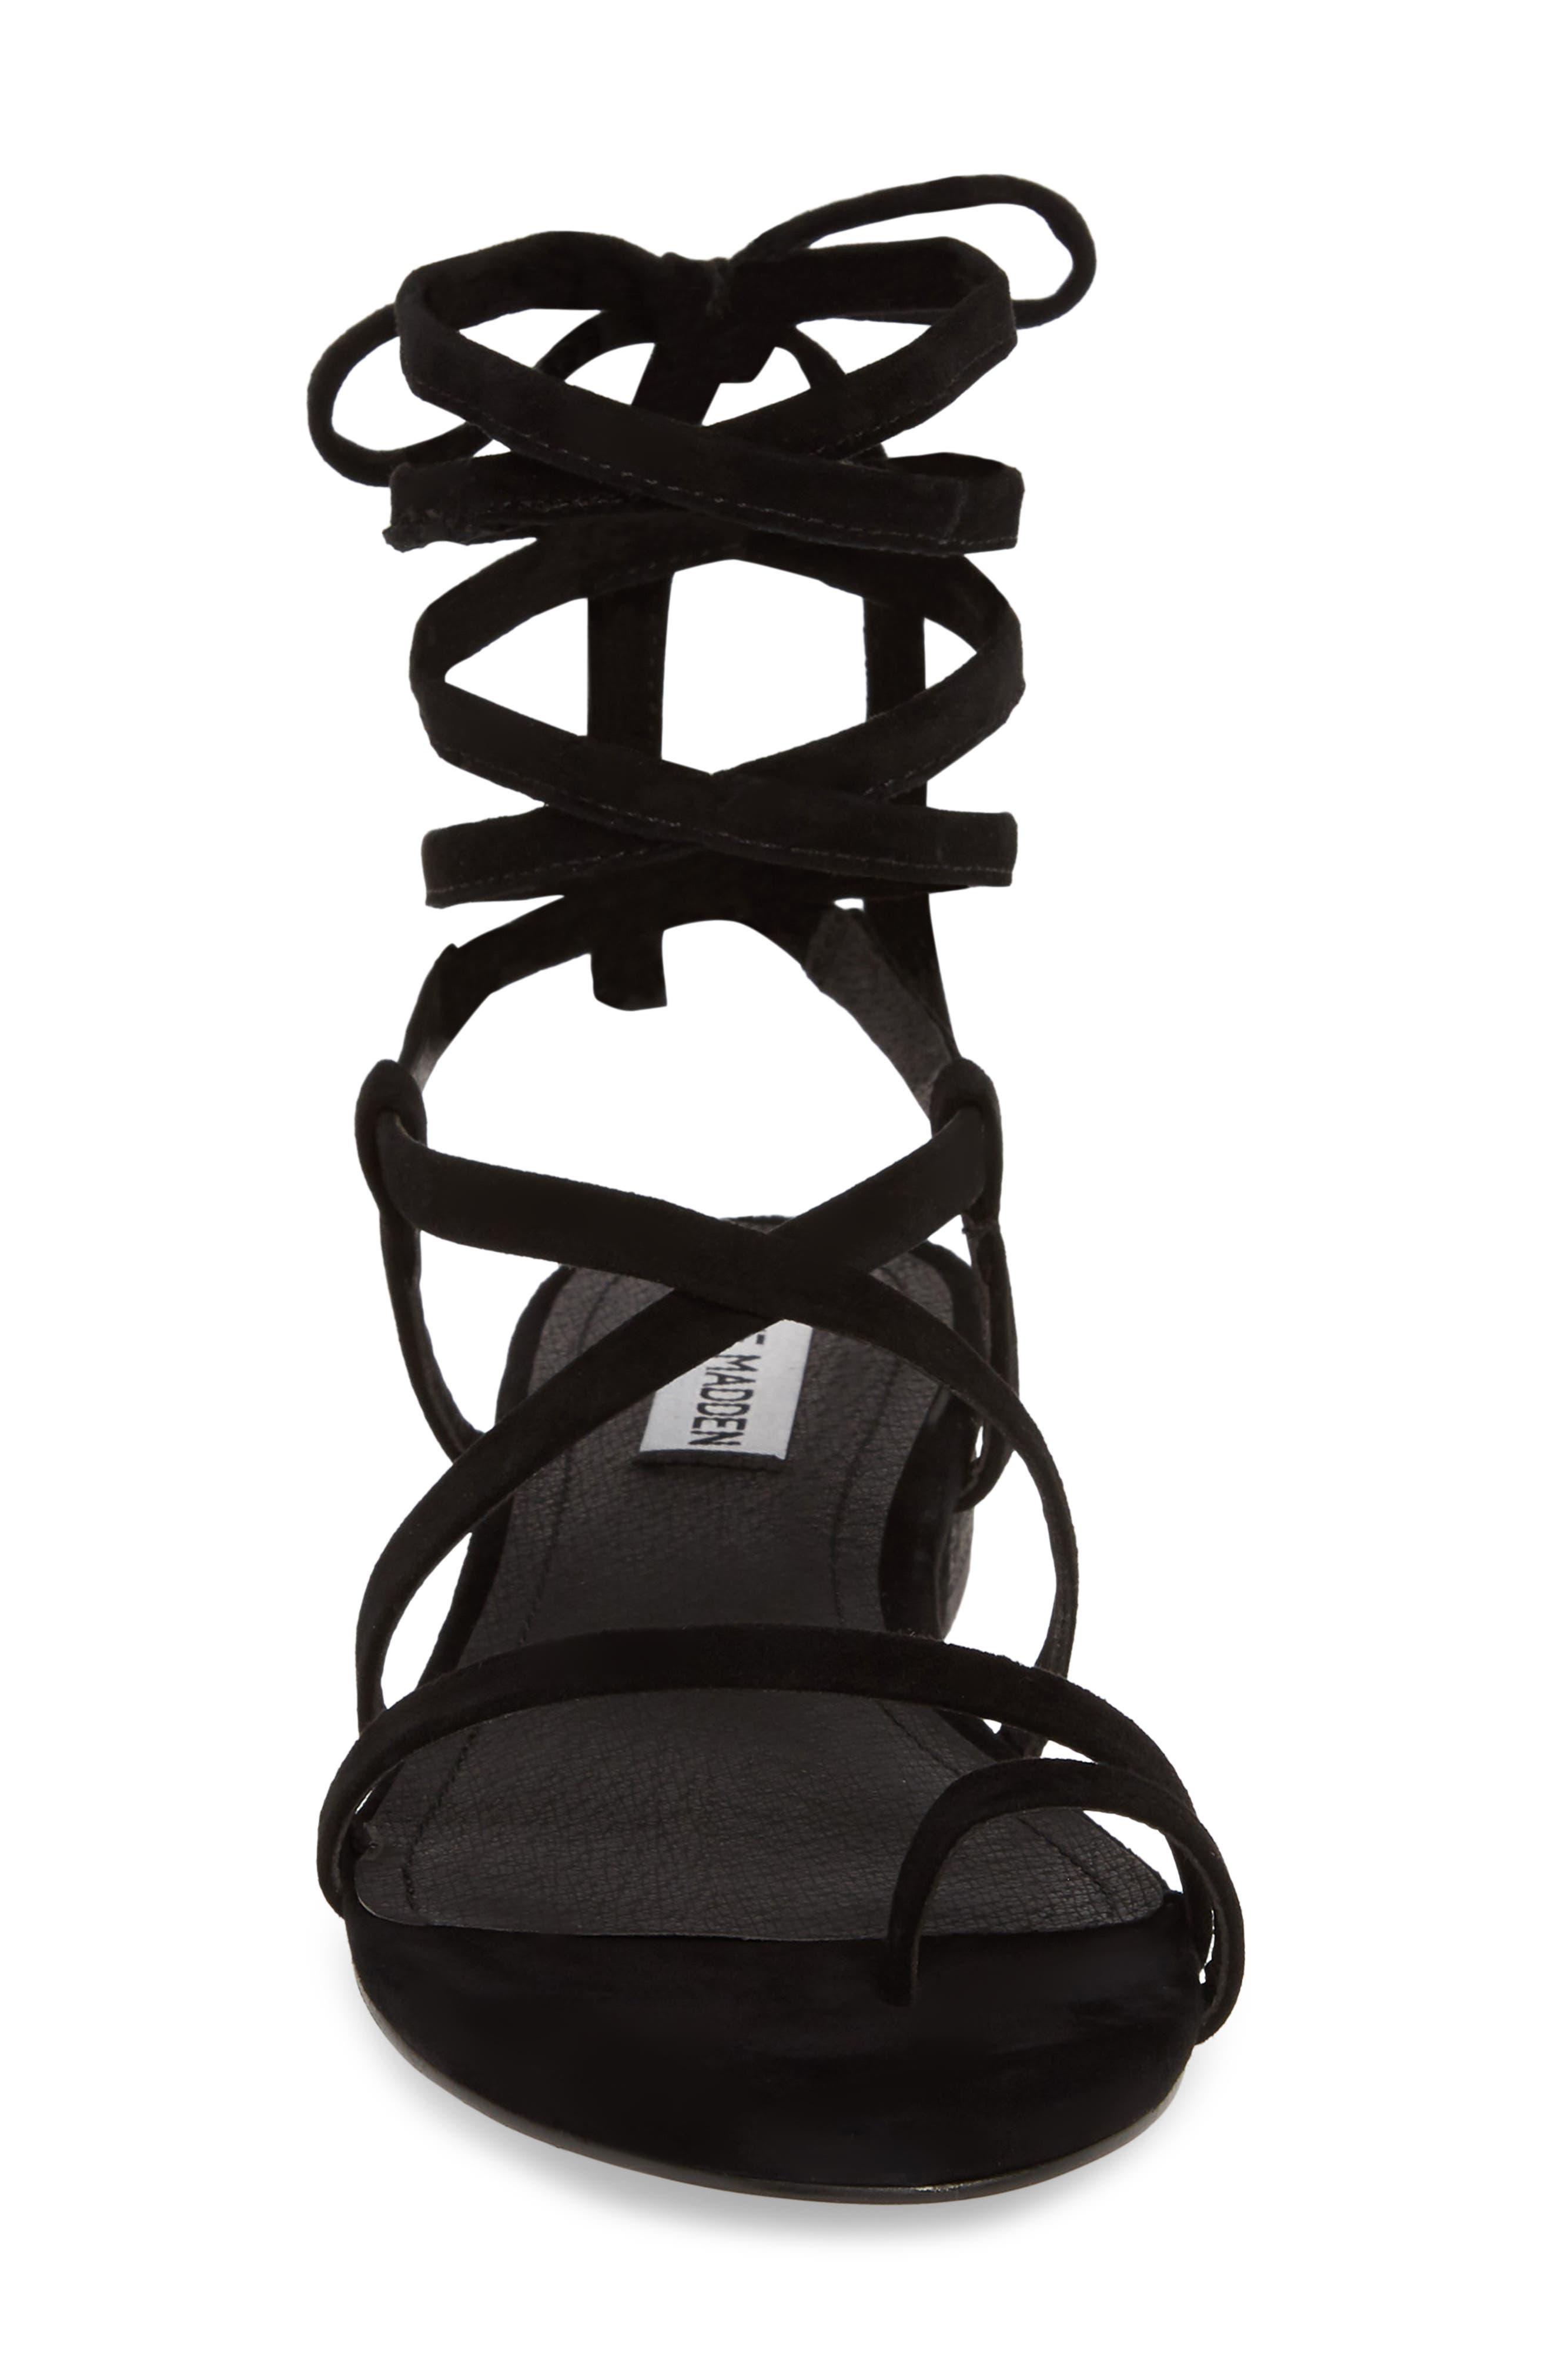 STEVE MADDEN, Adrenaline Lace-Up Sandal, Alternate thumbnail 4, color, BLACK SUEDE